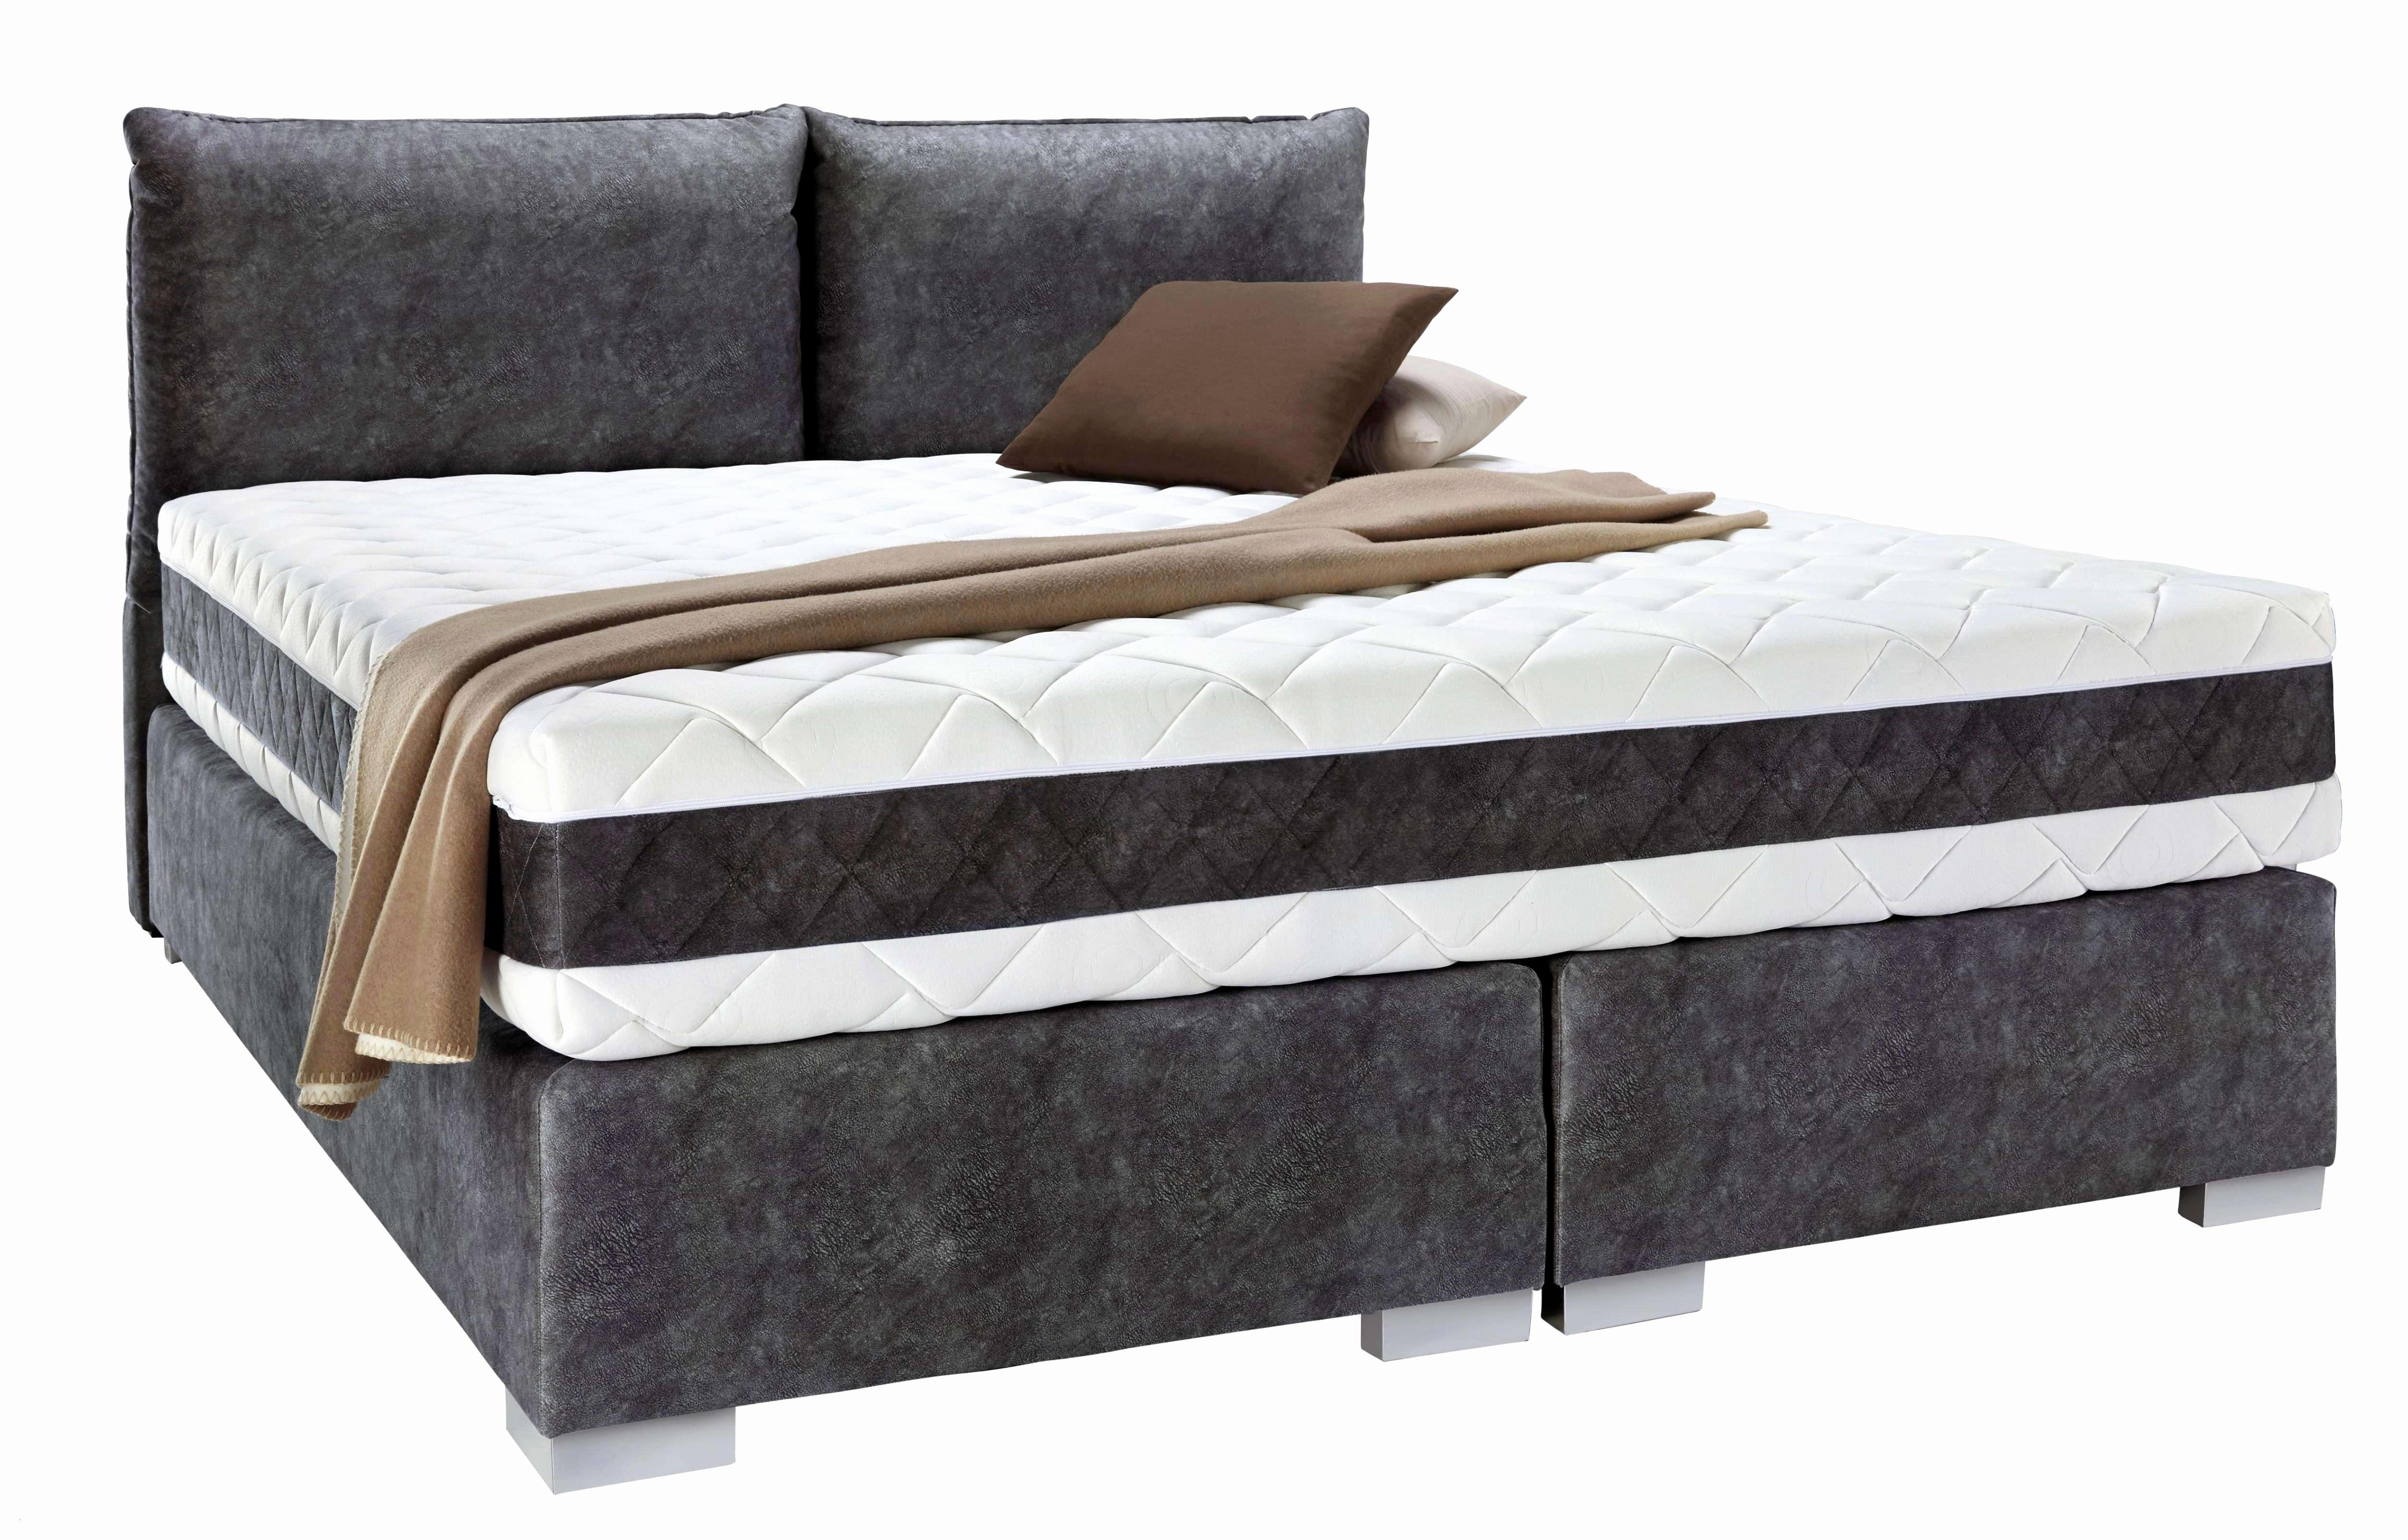 Lit 160×200 Design Luxe Lit 160—200 Design Génial Luxe élégant Le Meilleur De Beau Frais